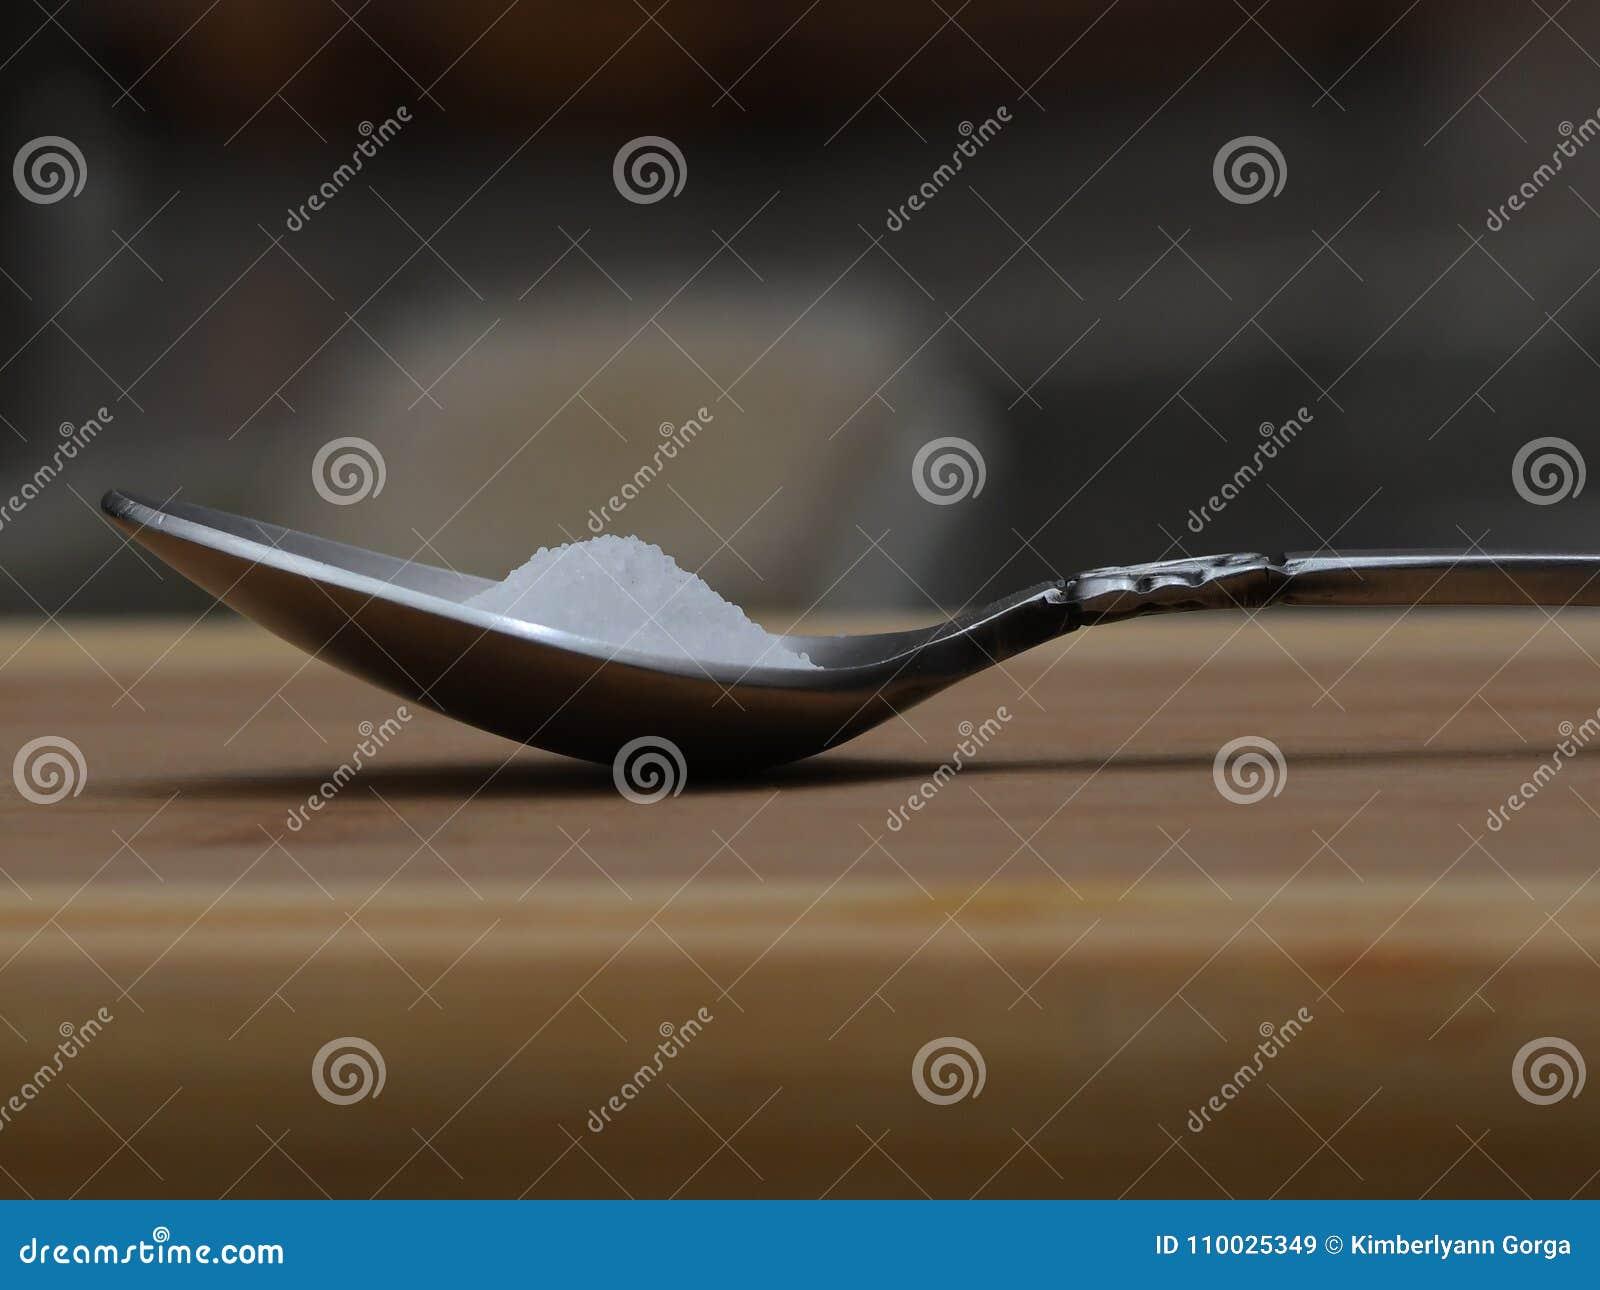 Spoon Full of Salt